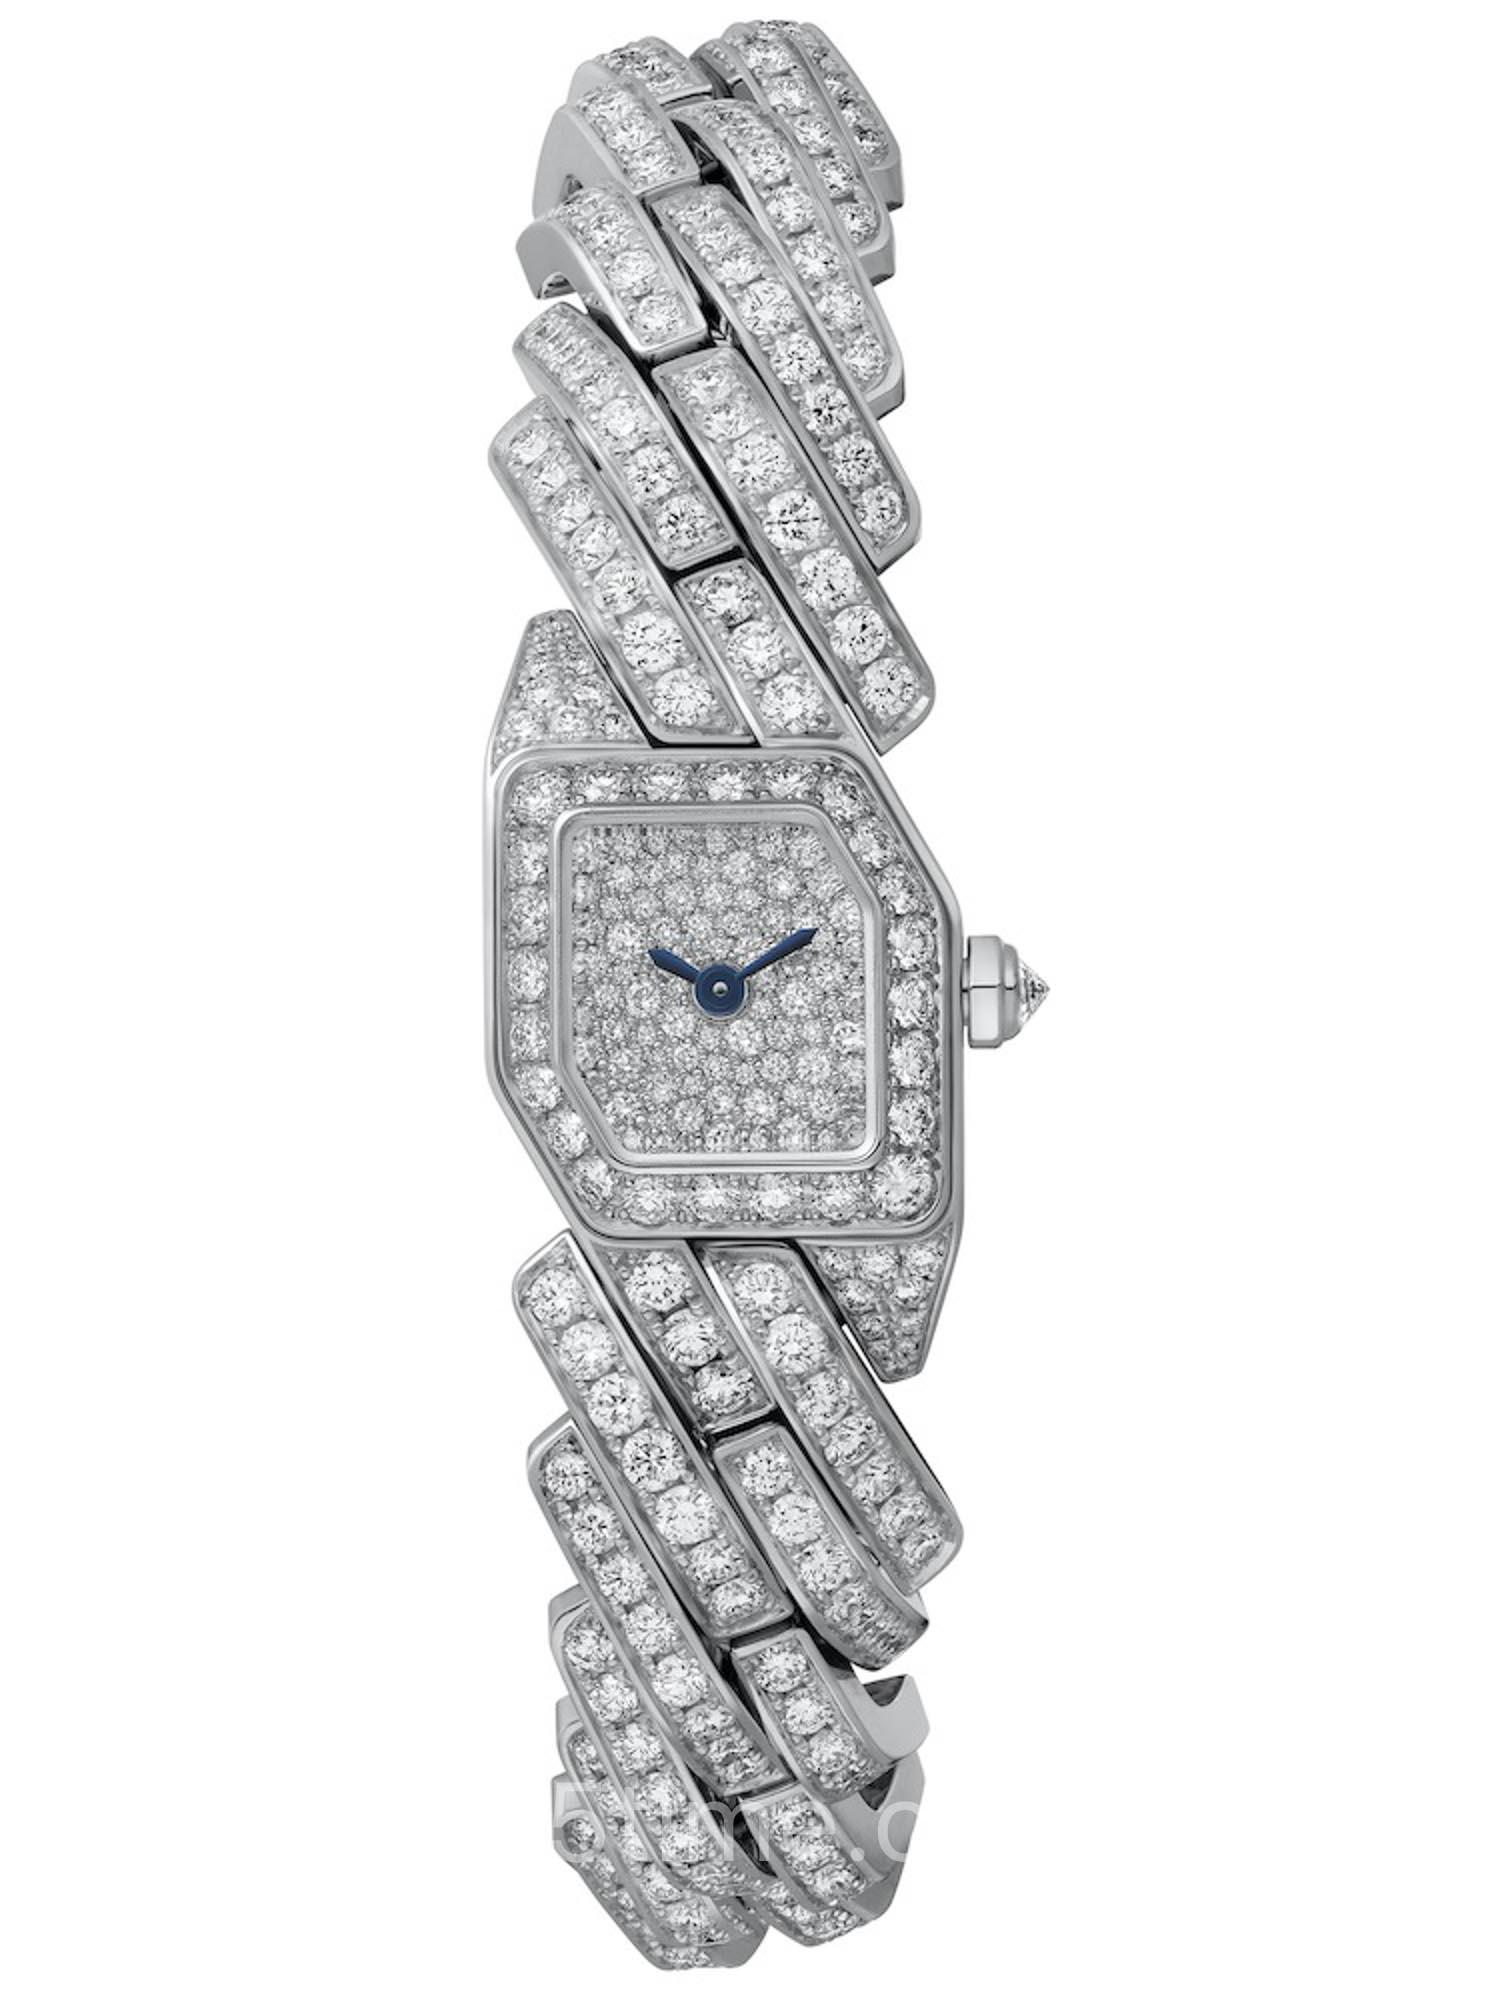 卡地亚Maillon de Cartier系列18K白金镶钻女装腕表WJBJ0005